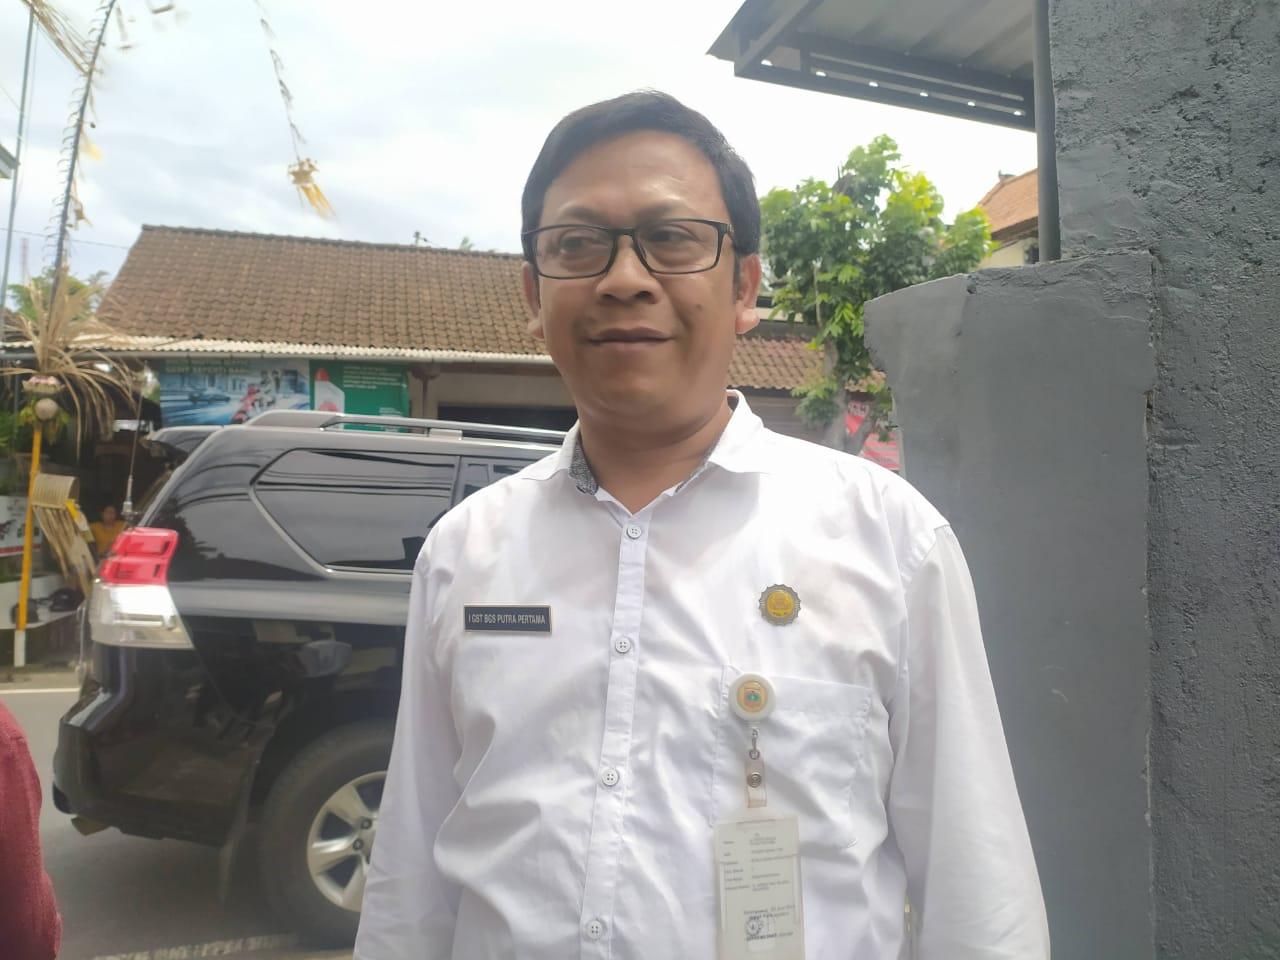 KEPALA Dinas Kesehatan Kabupaten Karangasem, dr. I Gusti Bagus Putra Pertama. Foto: nad